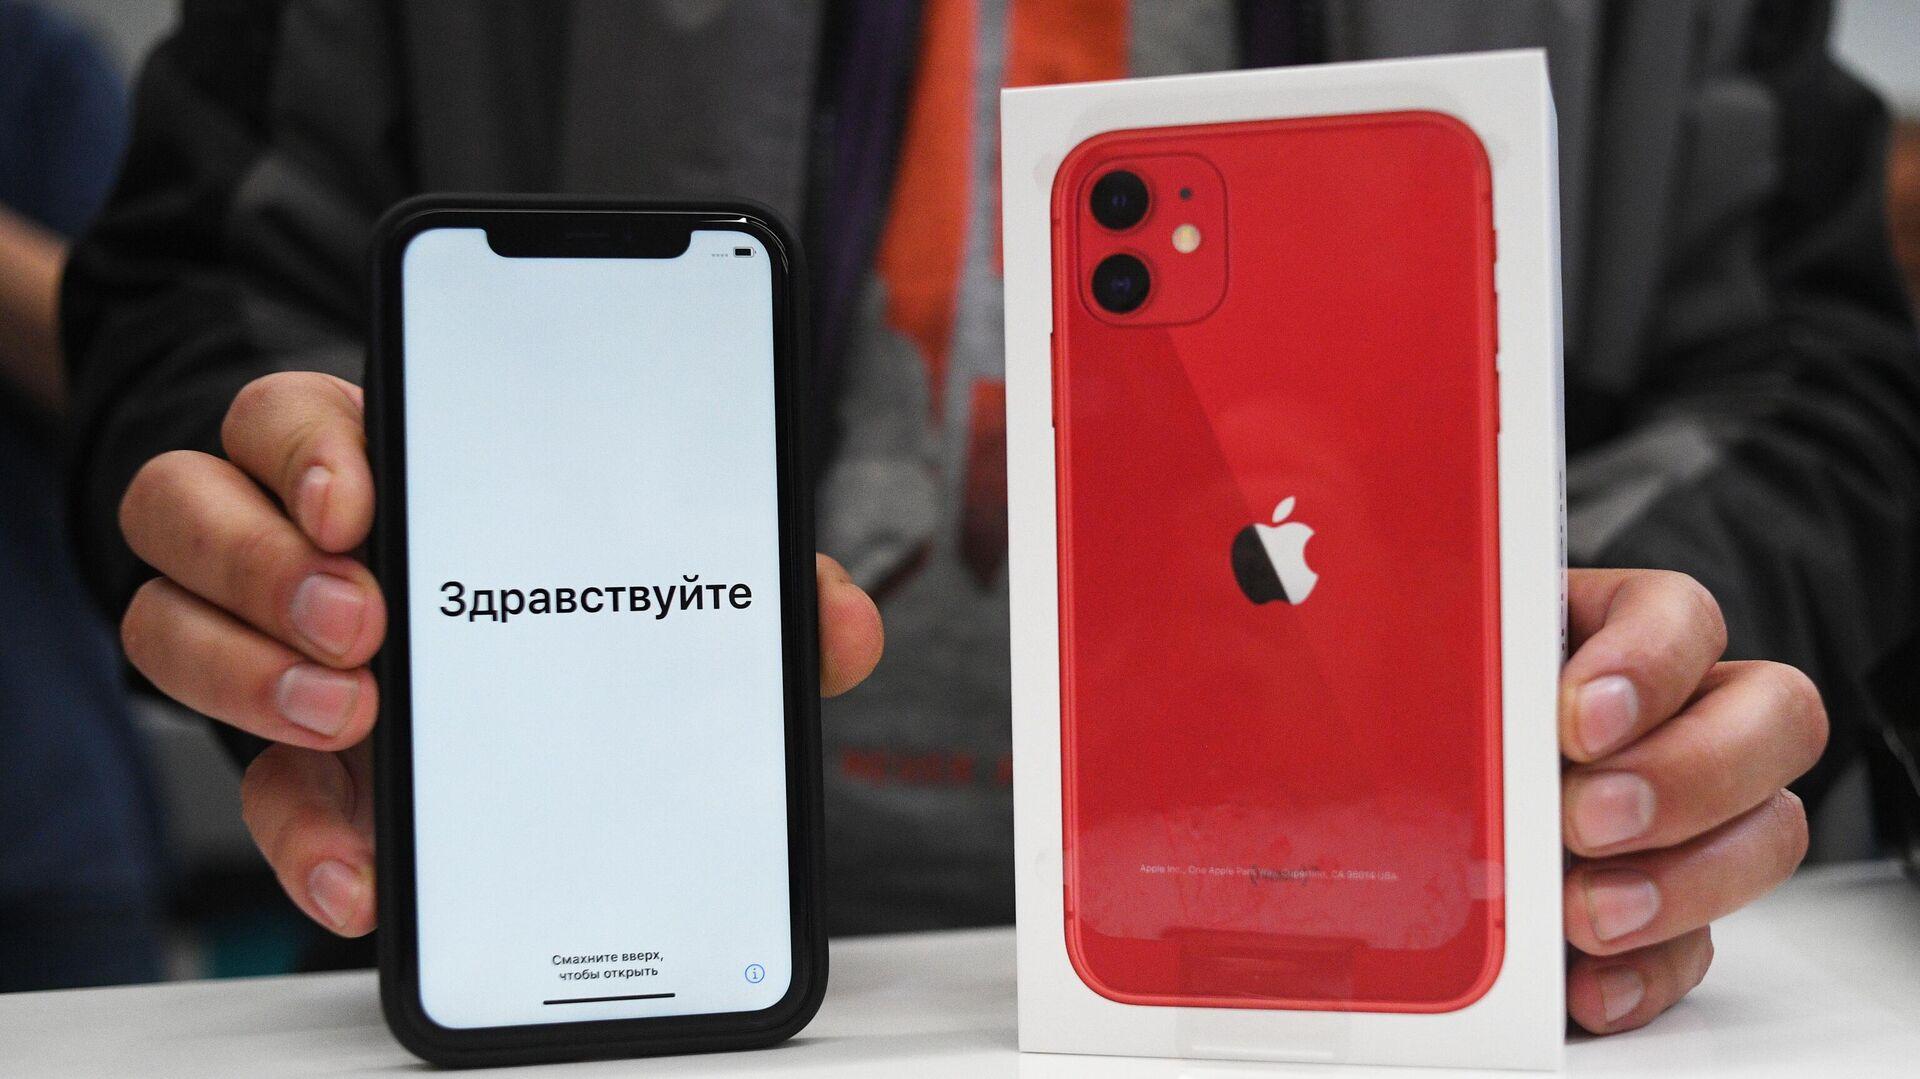 Новый смартфон компании Apple в руках покупателя в магазине re:Store в Москве - РИА Новости, 1920, 07.10.2020